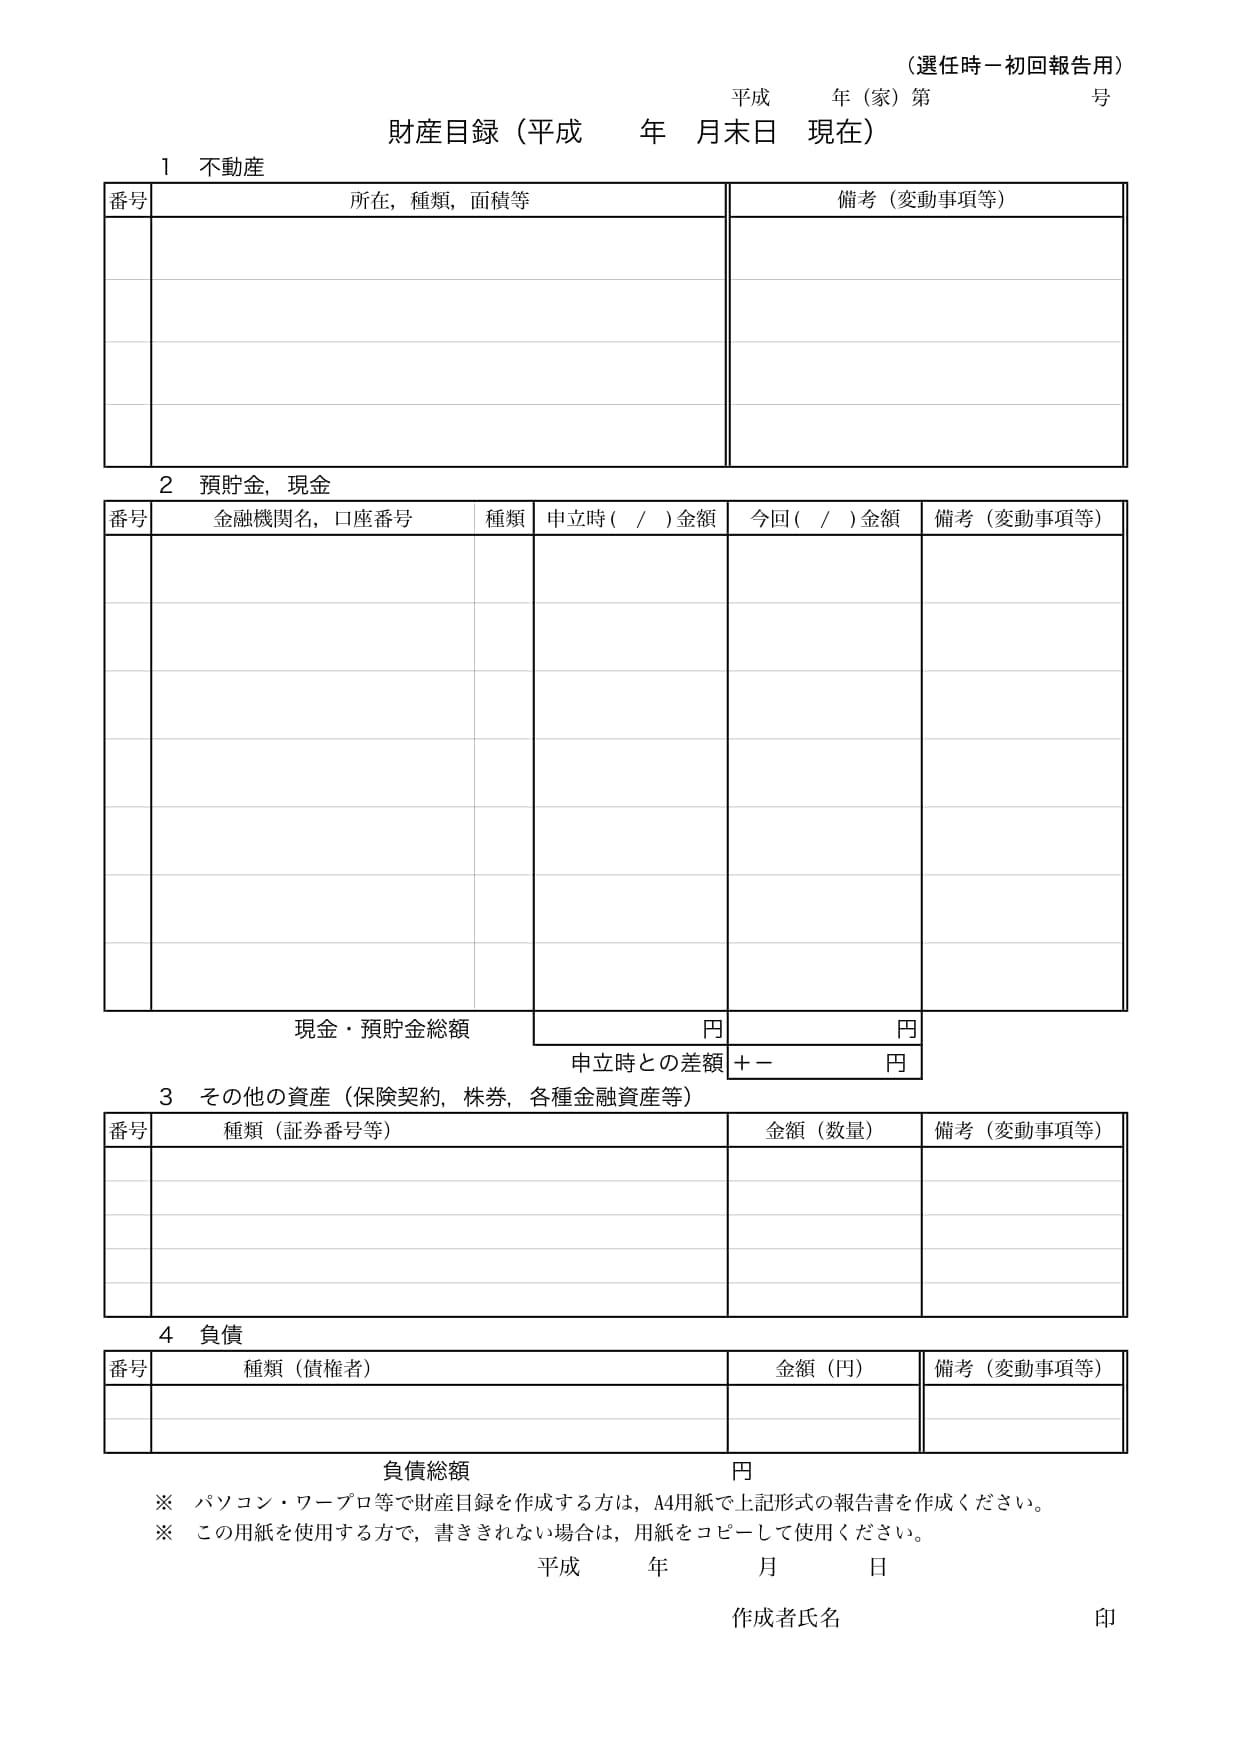 東京家庭裁判所が公開している財産目録の雛形の図